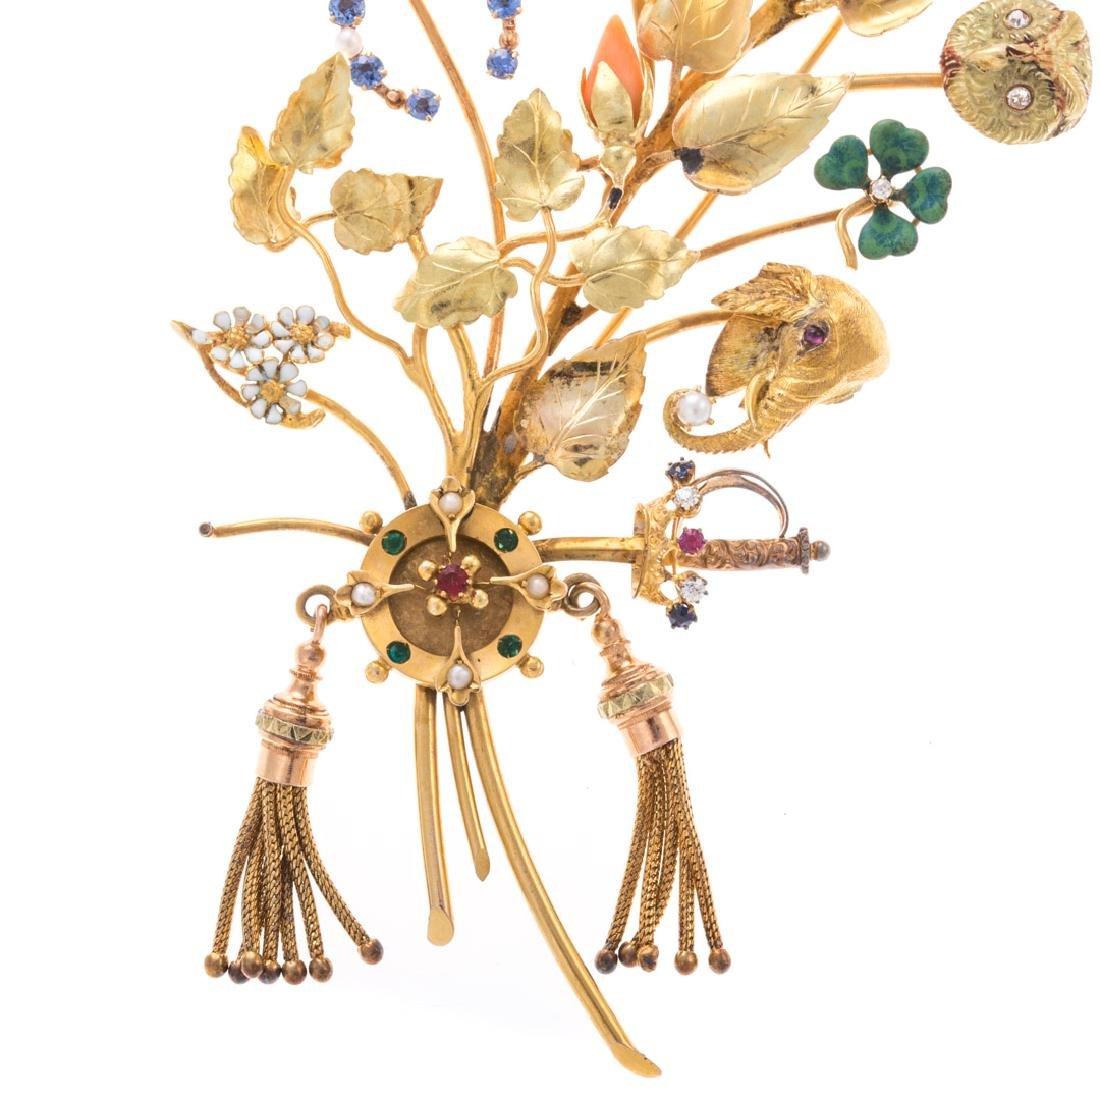 A Lady's Leaf Stick Pin Brooch by Oscar Caplan - 2